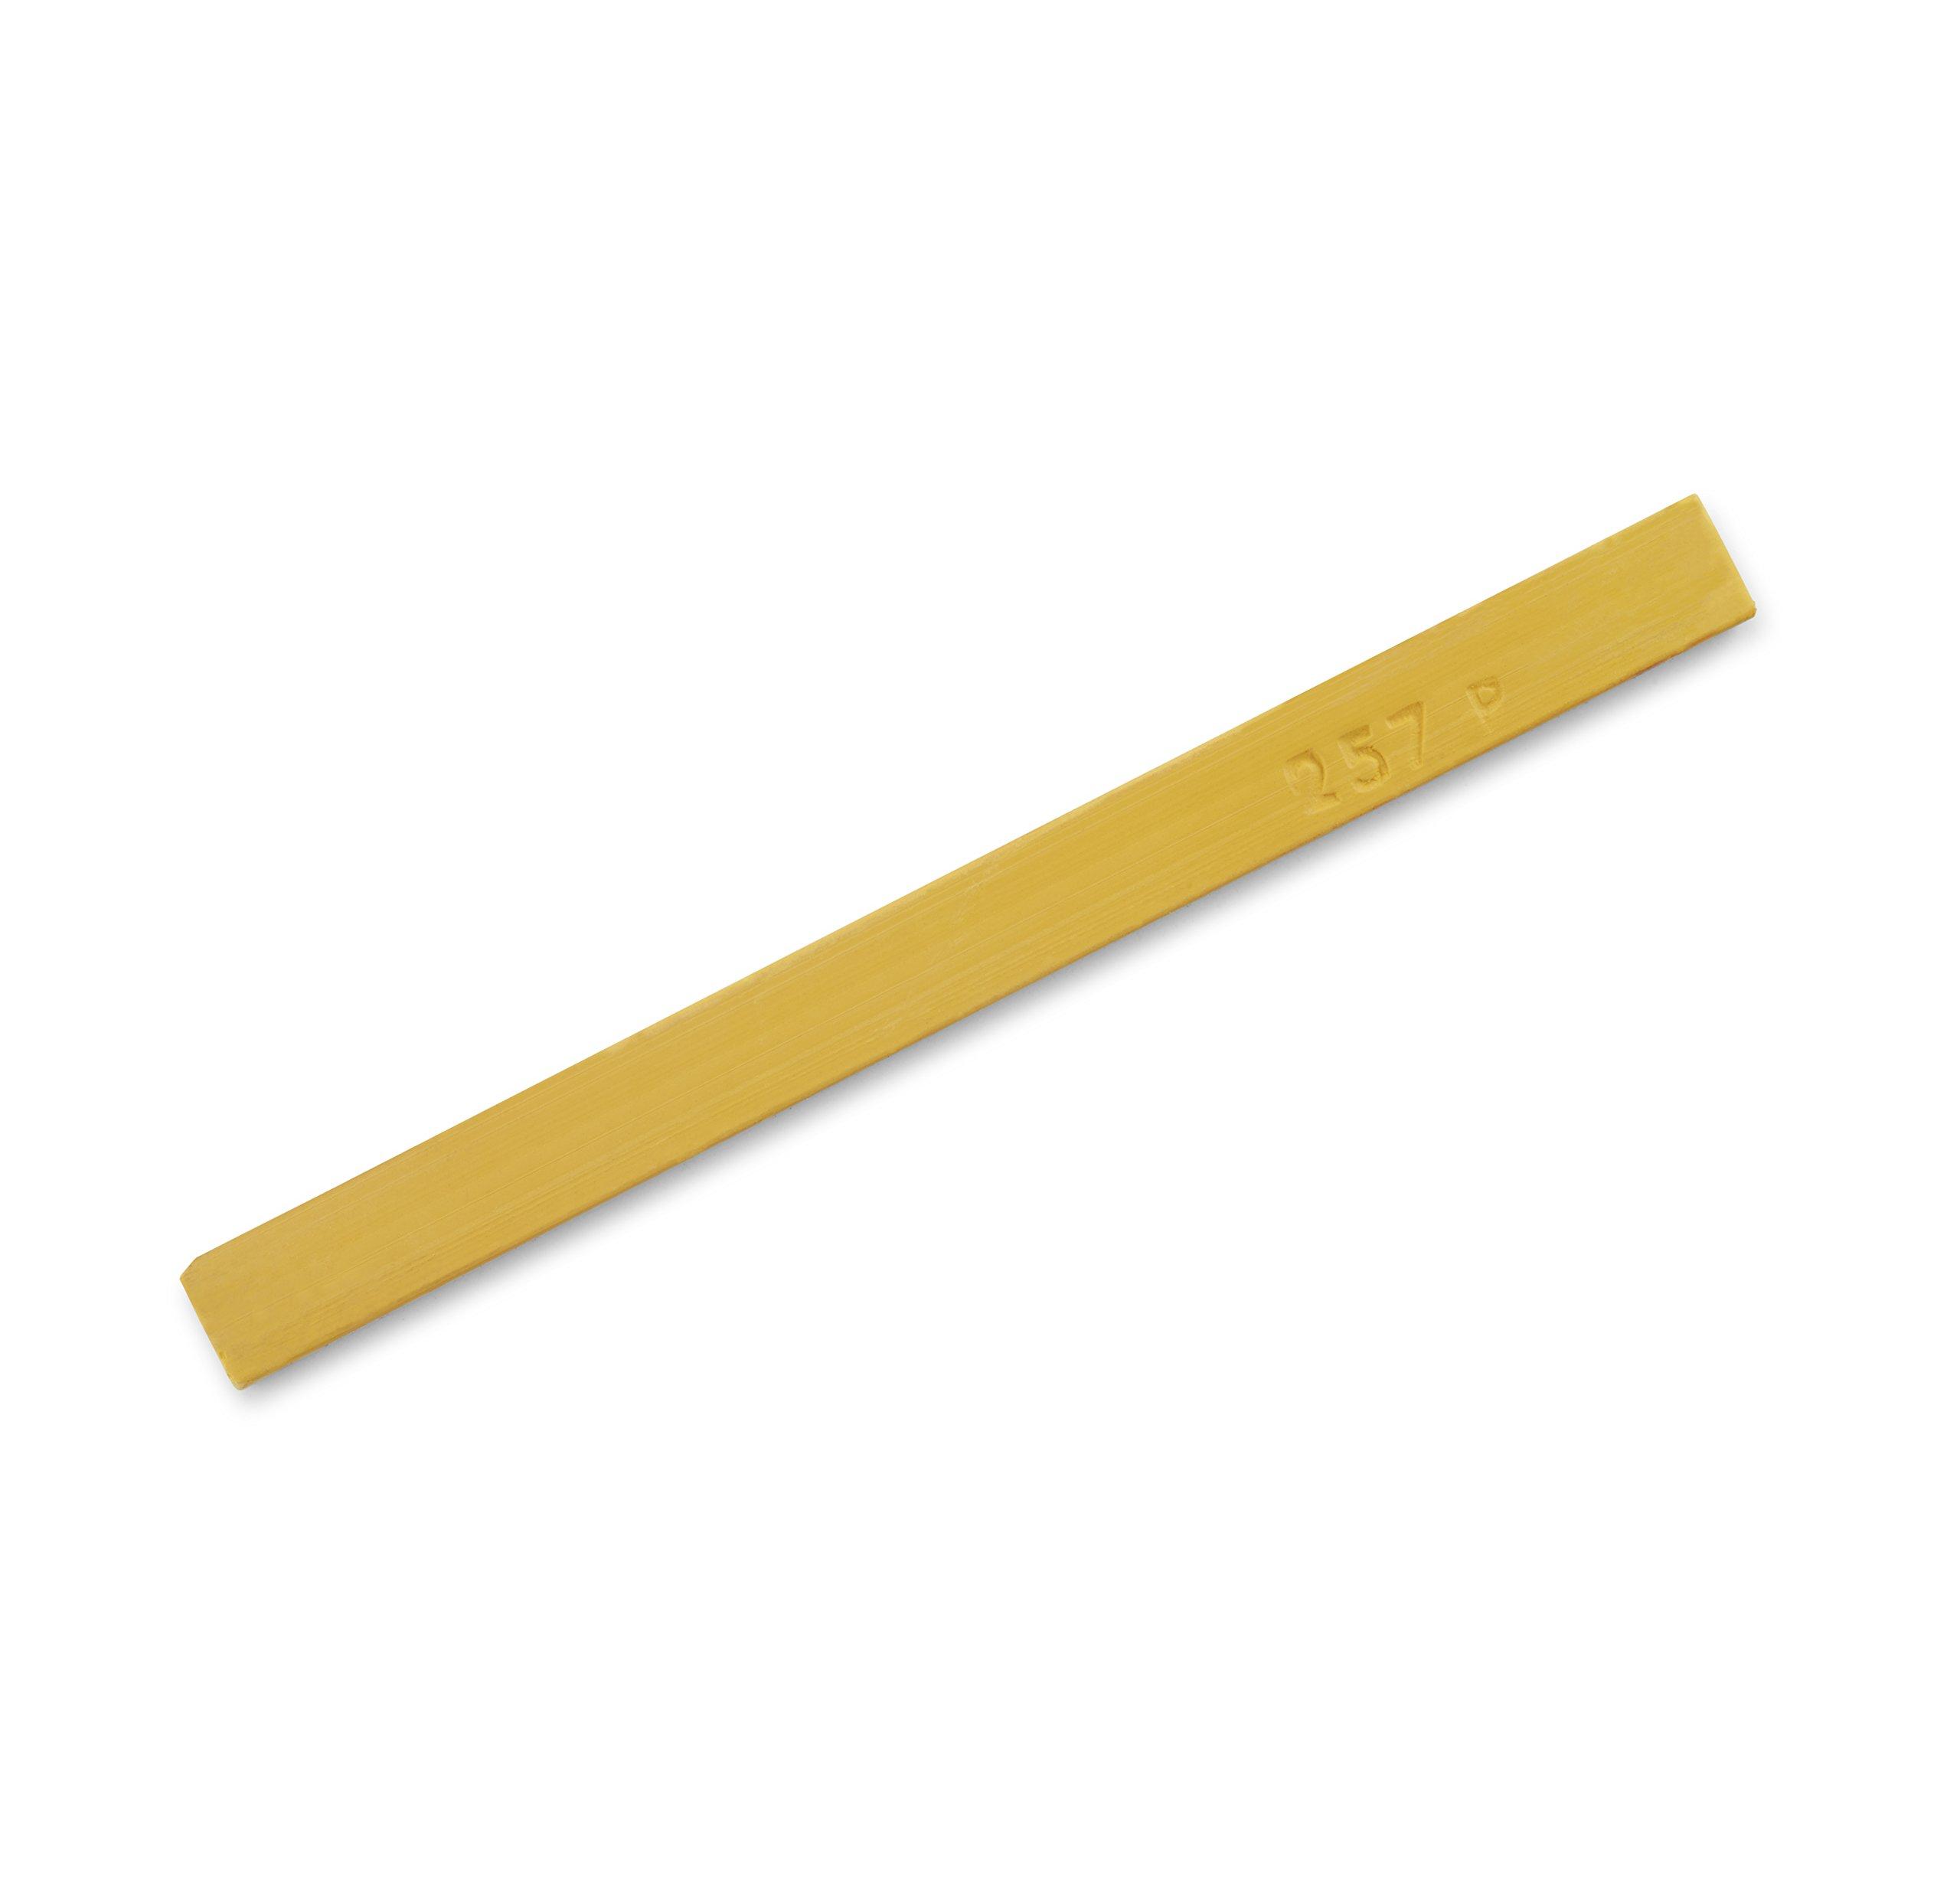 Prismacolor 27055 Premier NuPastel Firm Pastel Color Sticks, 96-Count by Prismacolor (Image #11)